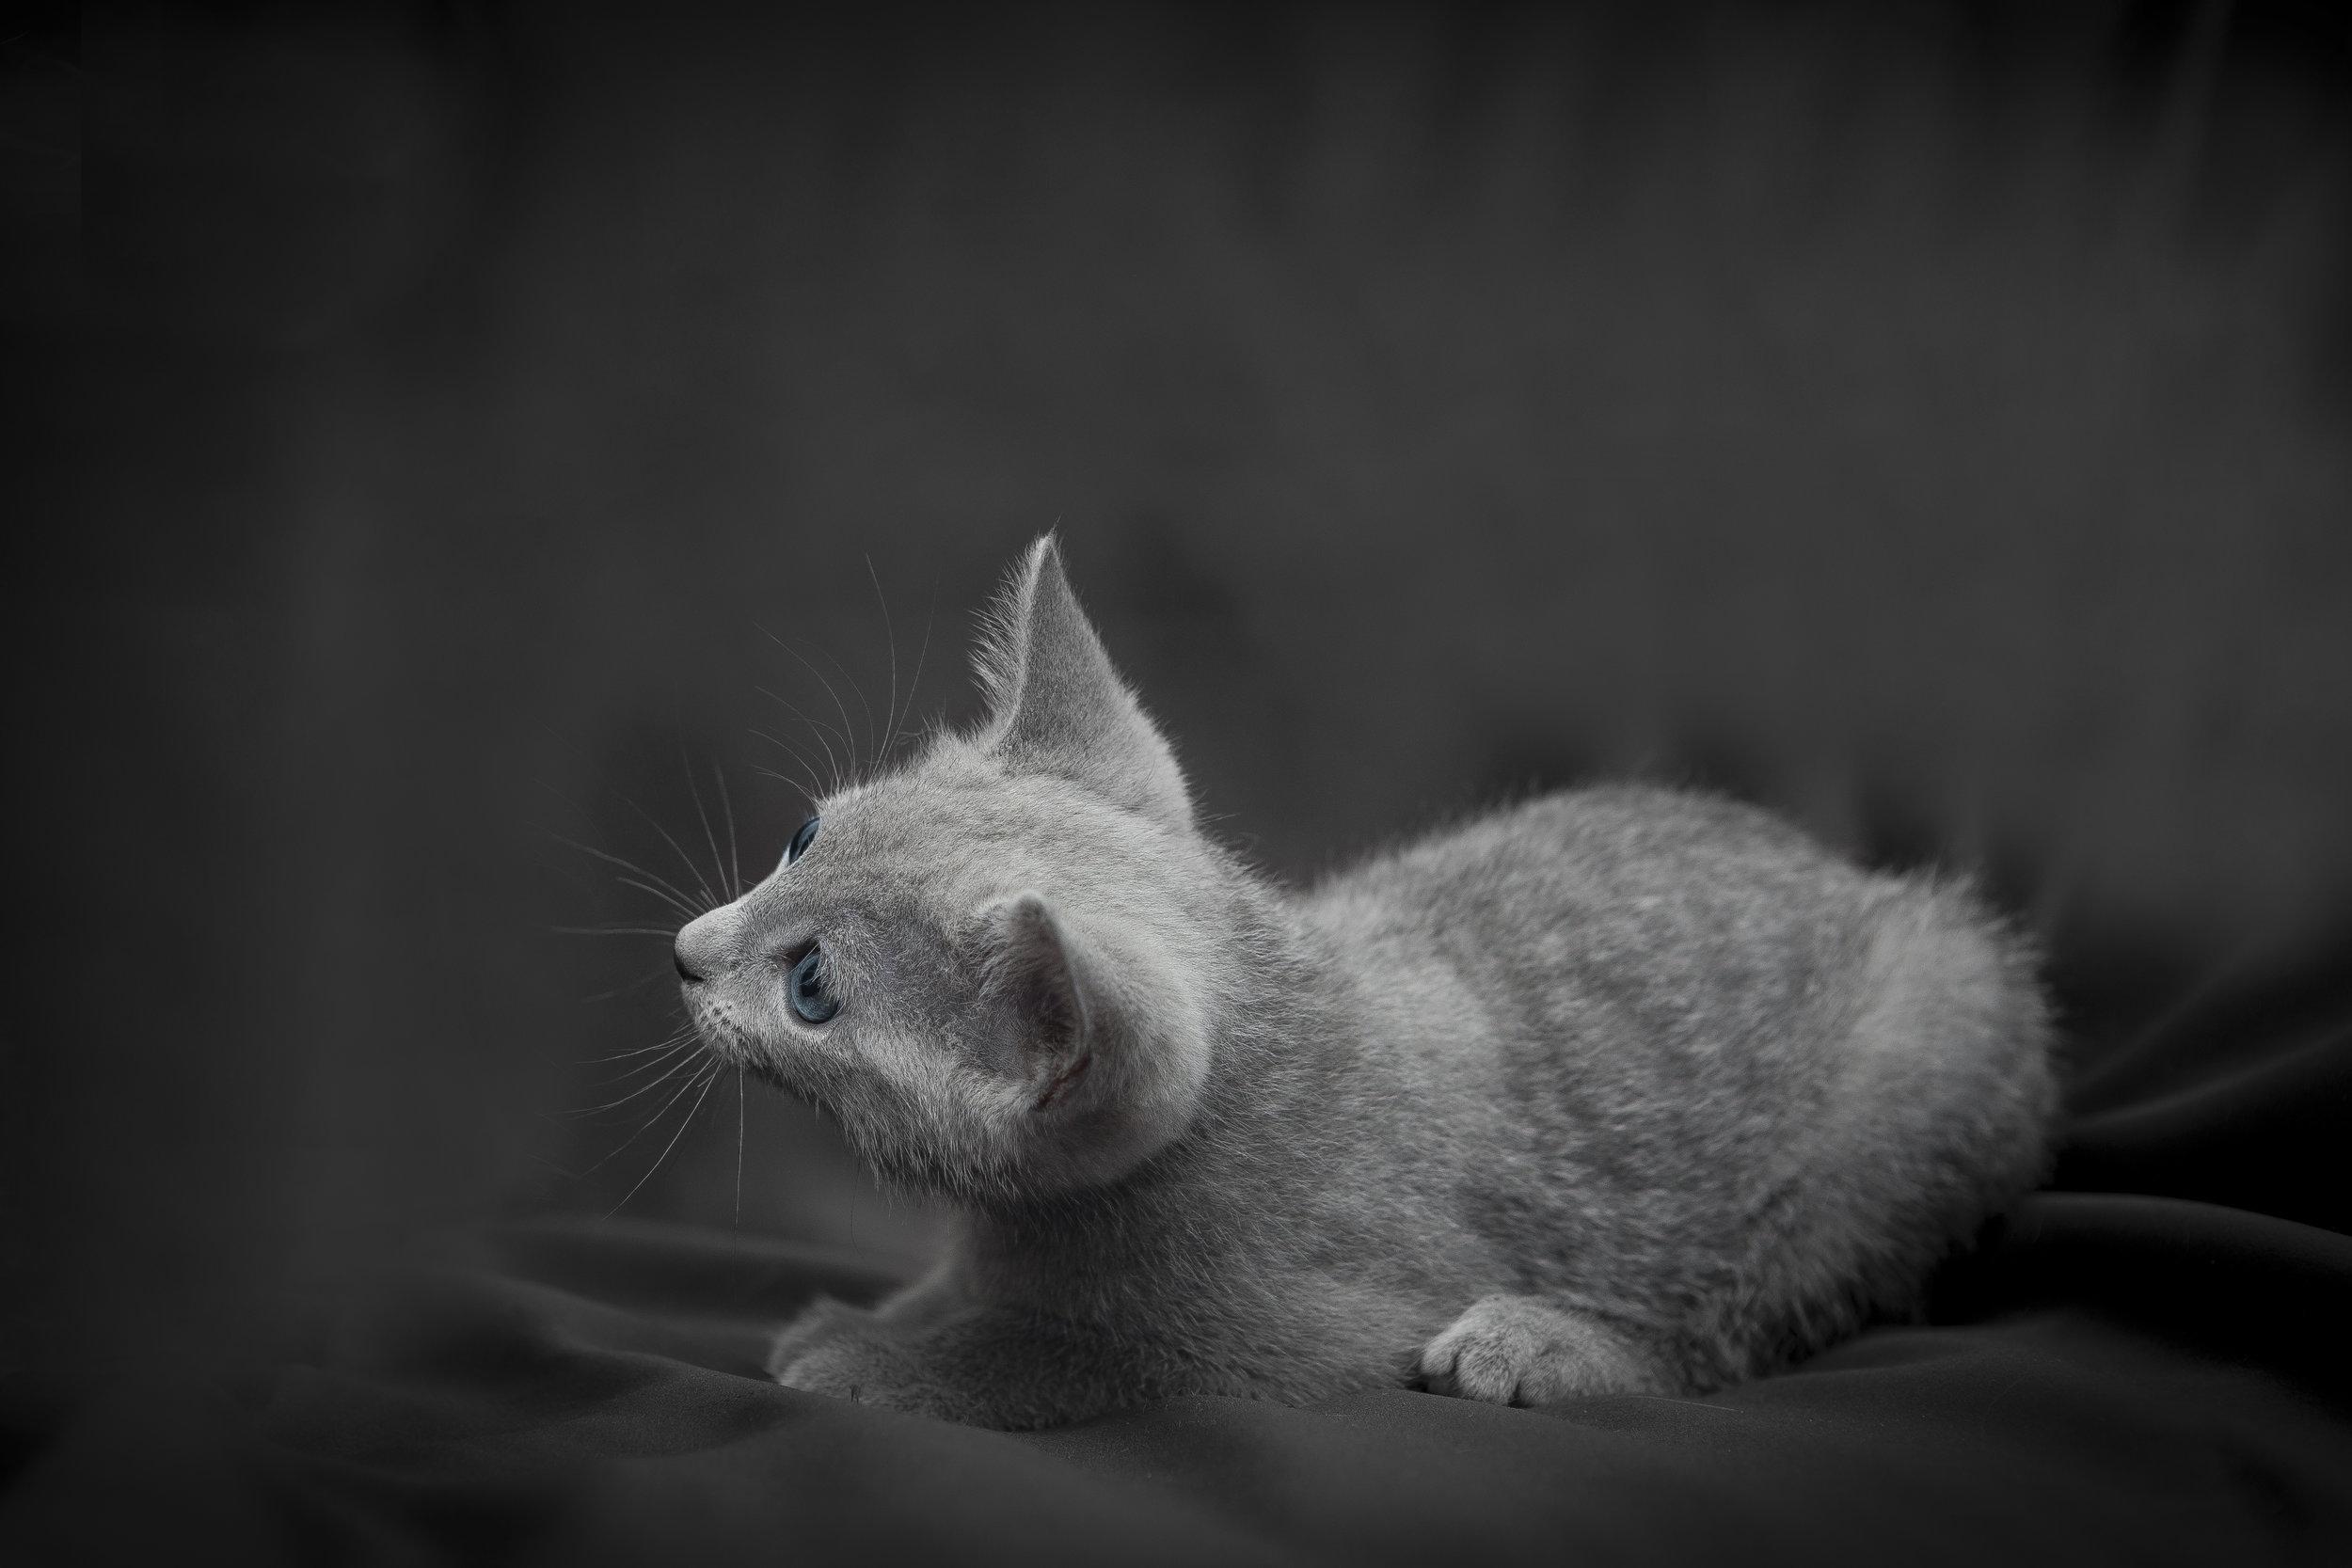 Foto a un gattino che gioca